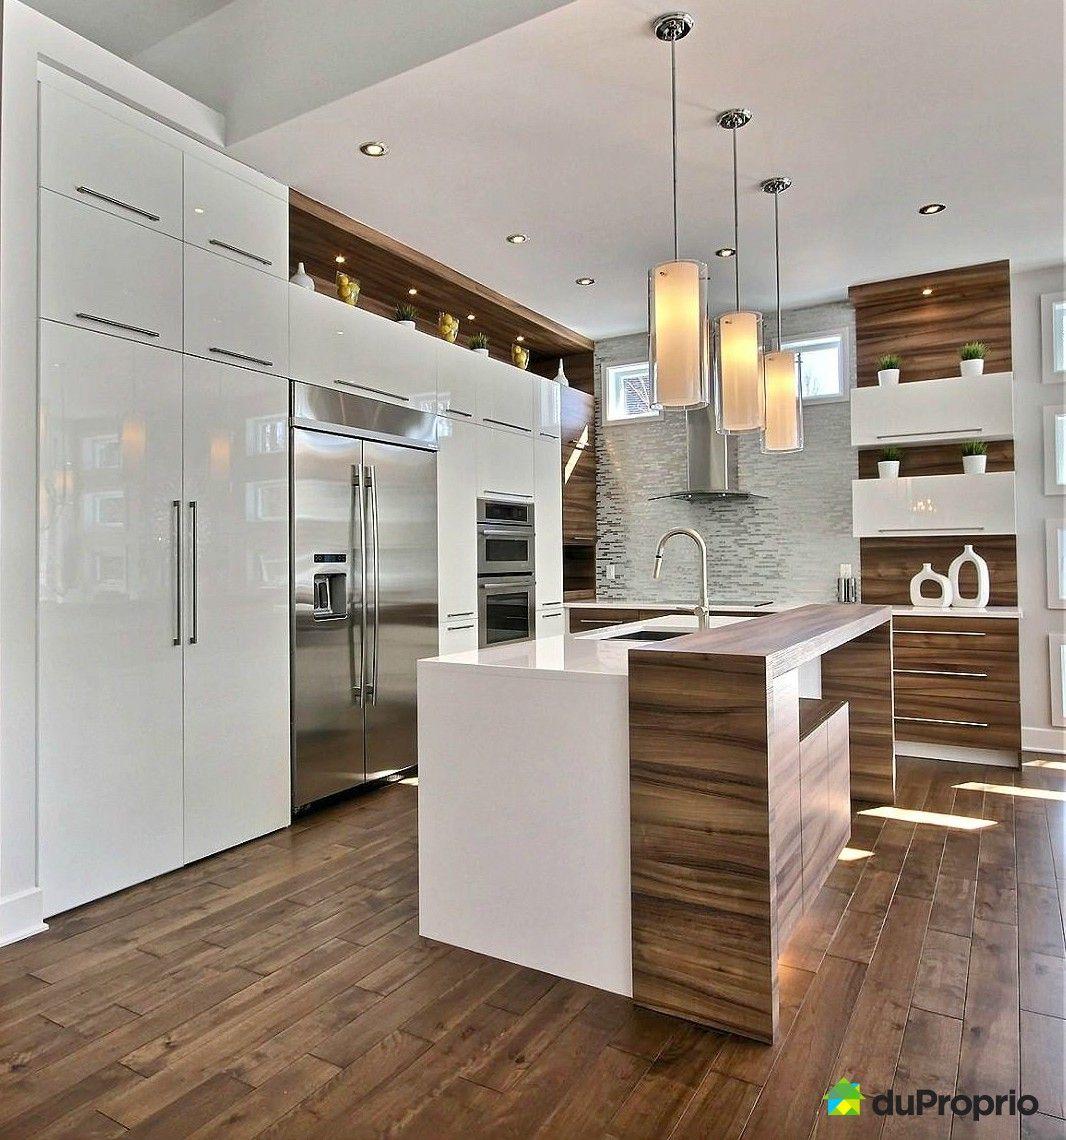 cuisine moderne de reve magnifique cuisine avec de belle armoires blanches lustrees qui vont jusqu au plafond belle ilot central a deux niveaux